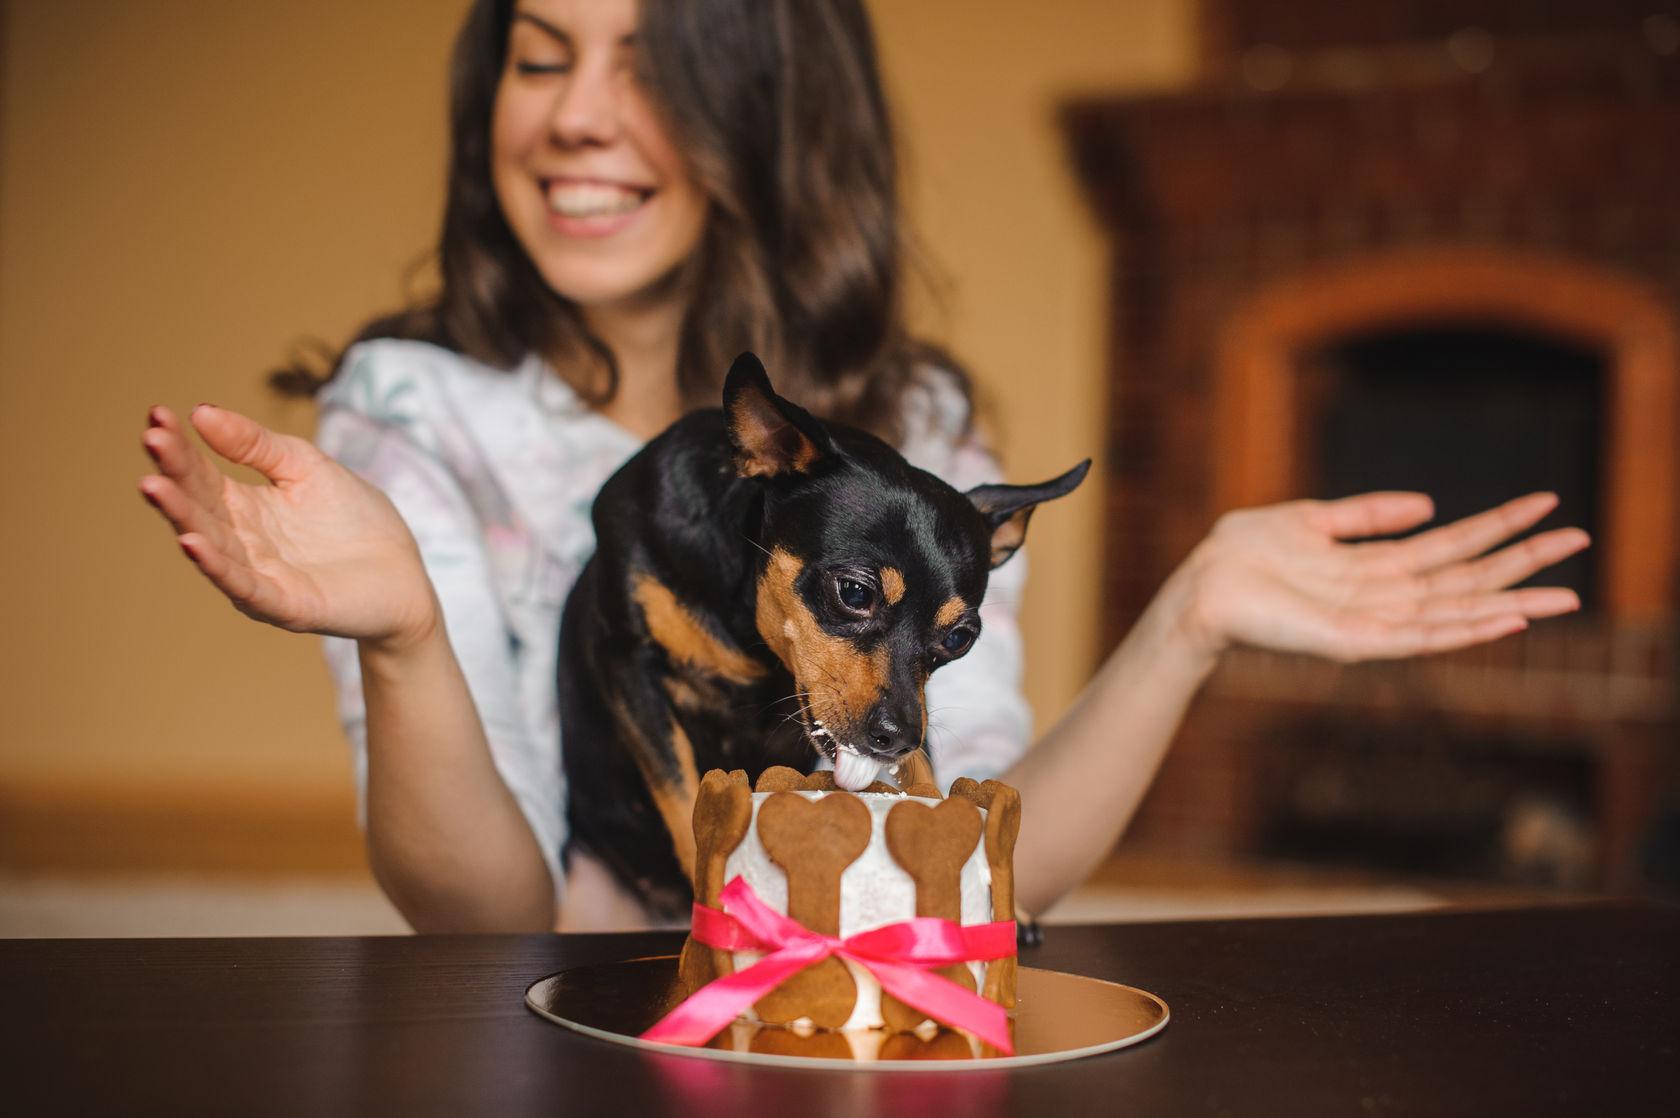 «Venga le cuento»: ¿Cómo se hace un cumpleaños para perros?